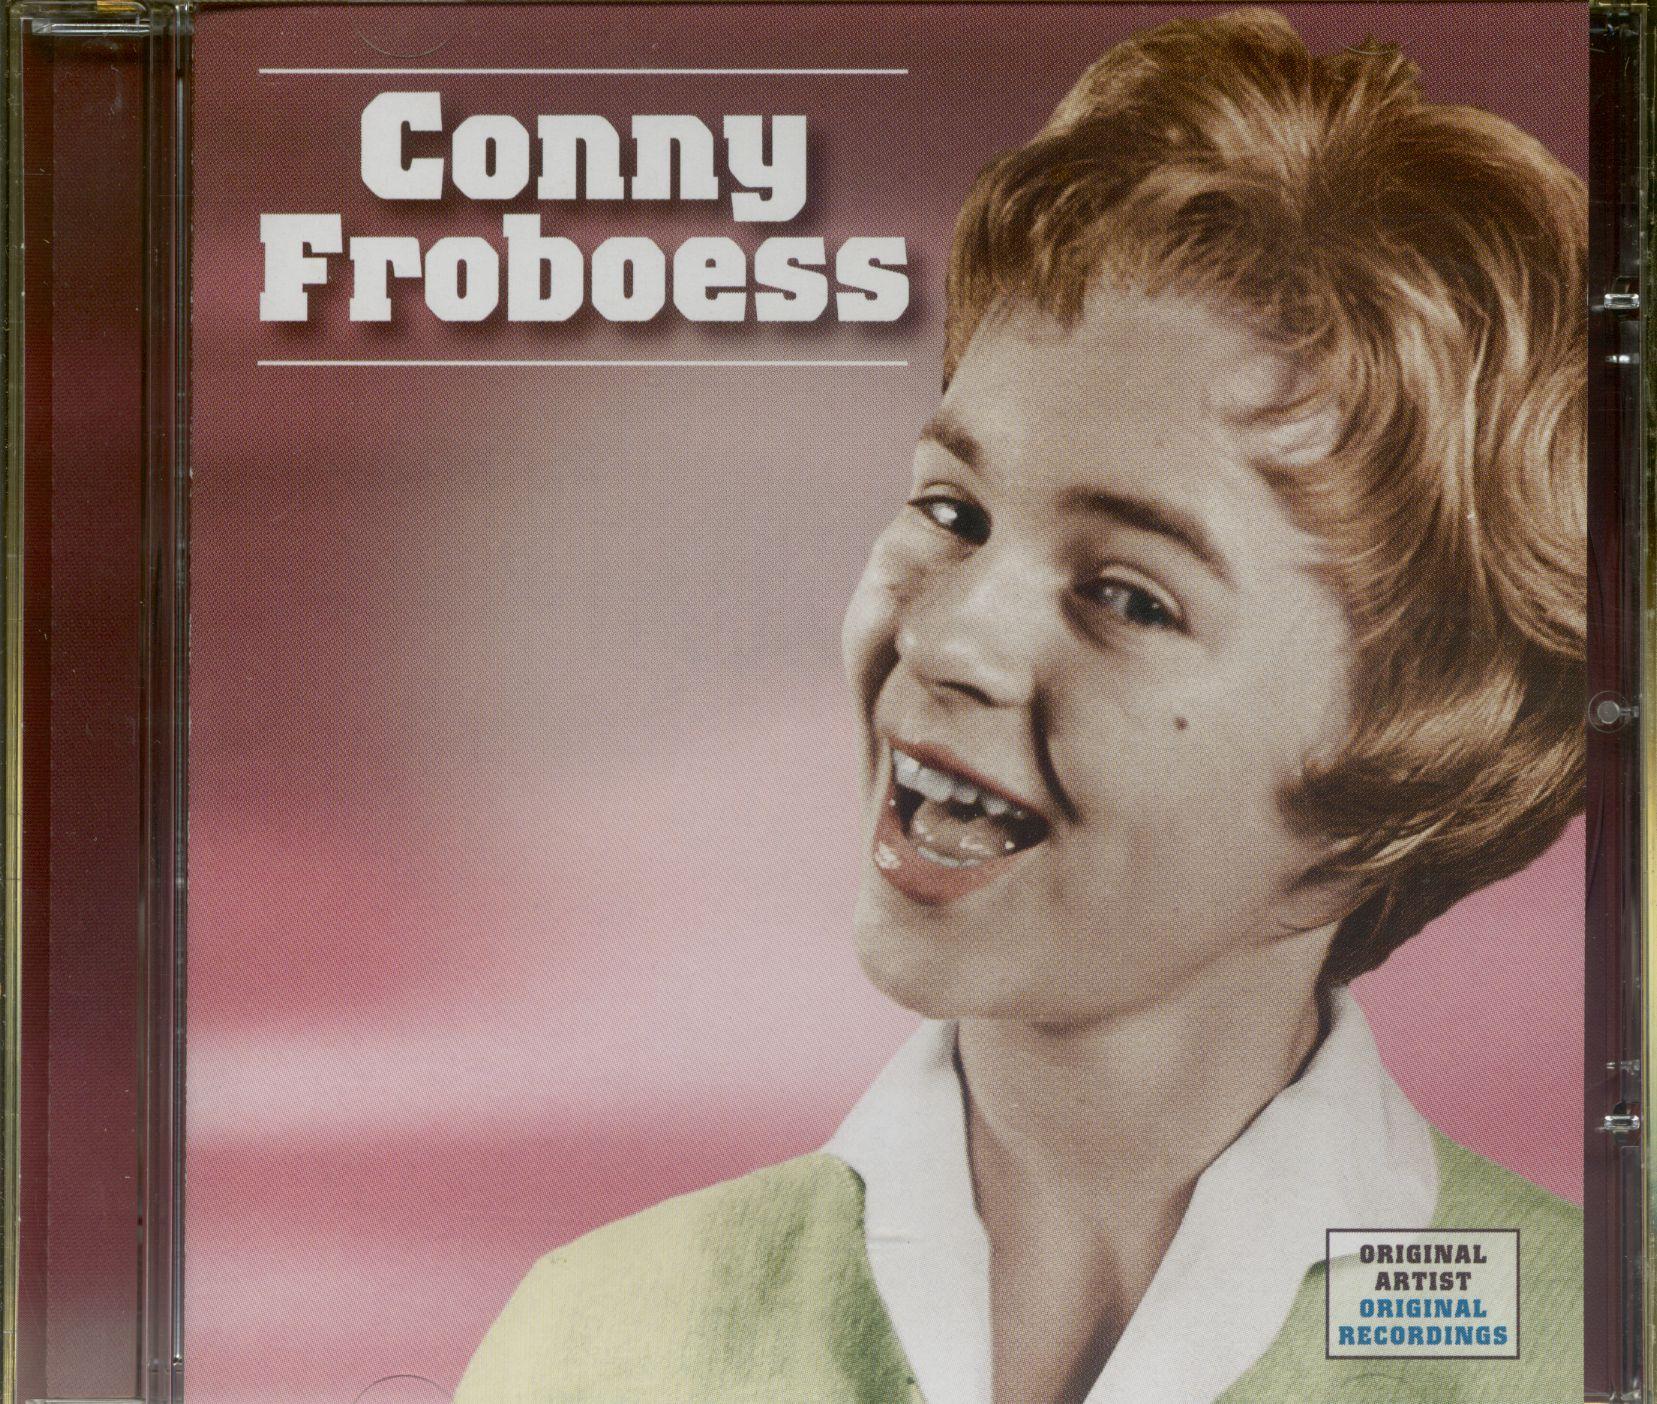 Conny Froboess Bilder details about conny froboess - conny froboess (cd) - deutsche  oldies/schlager/volksmusik